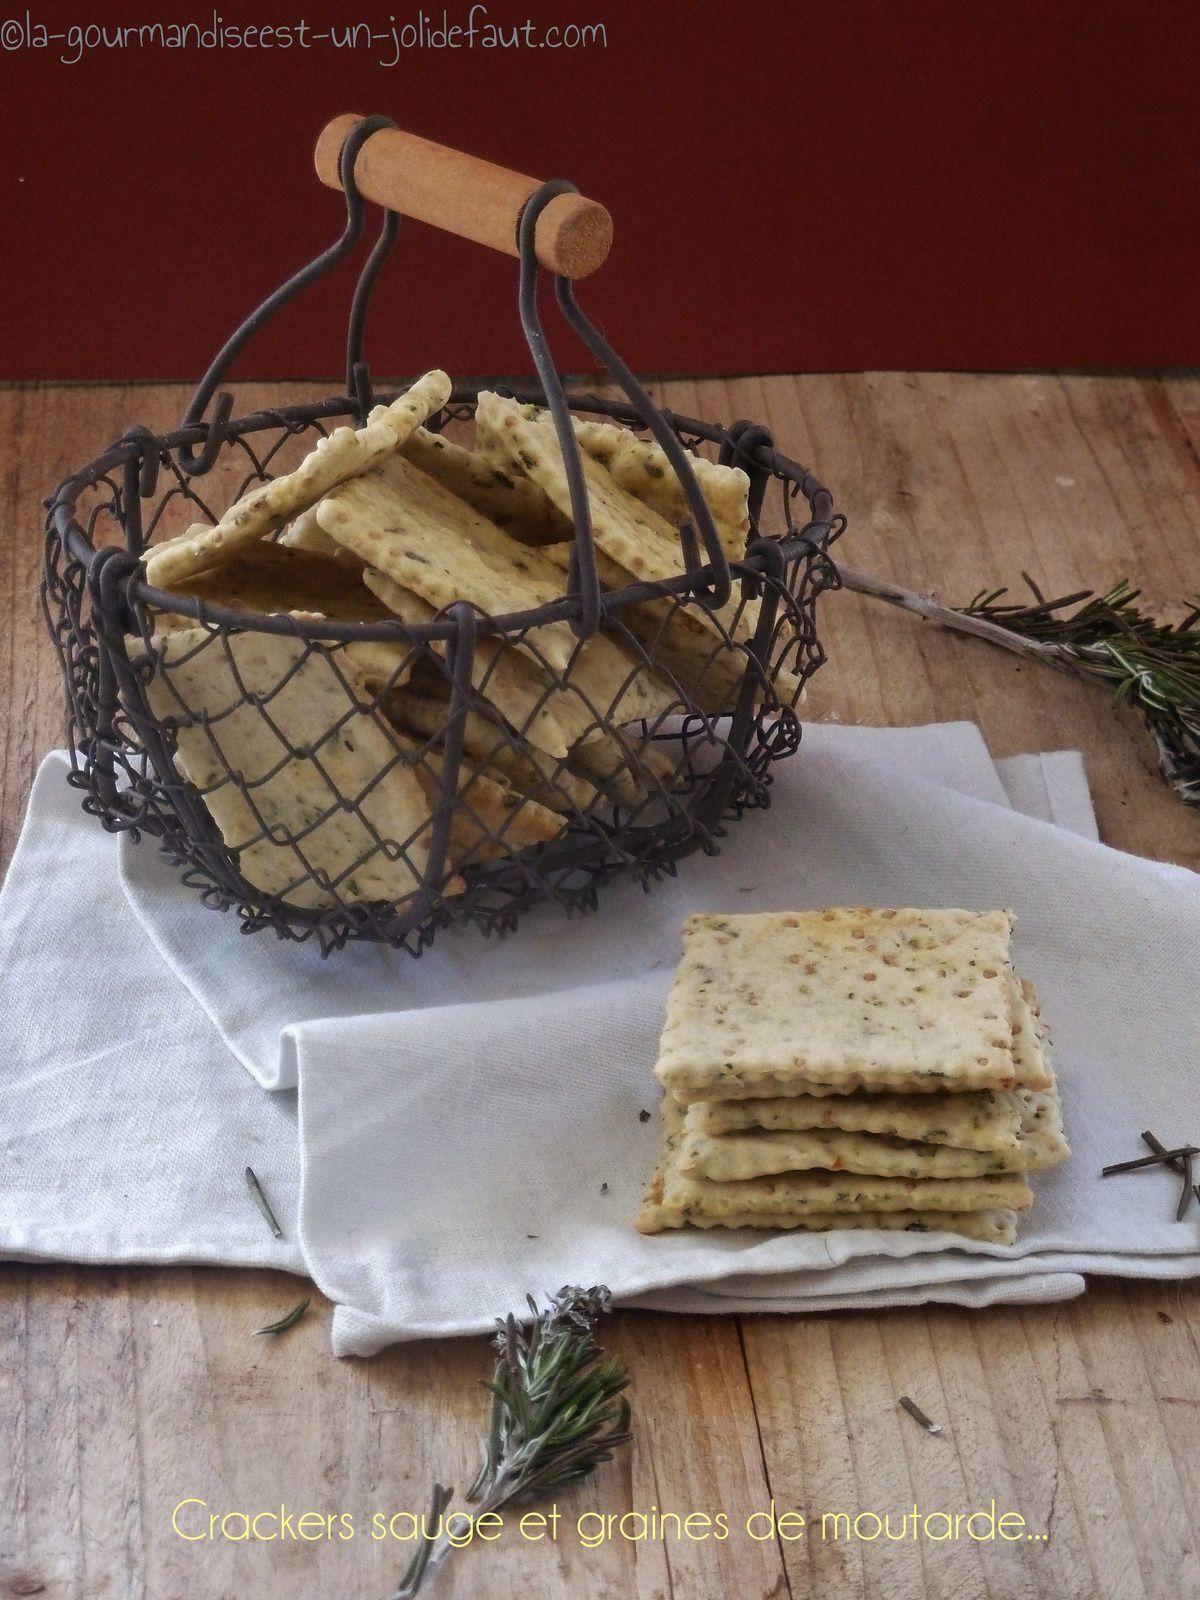 Crackers à la sauge et graines de moutarde